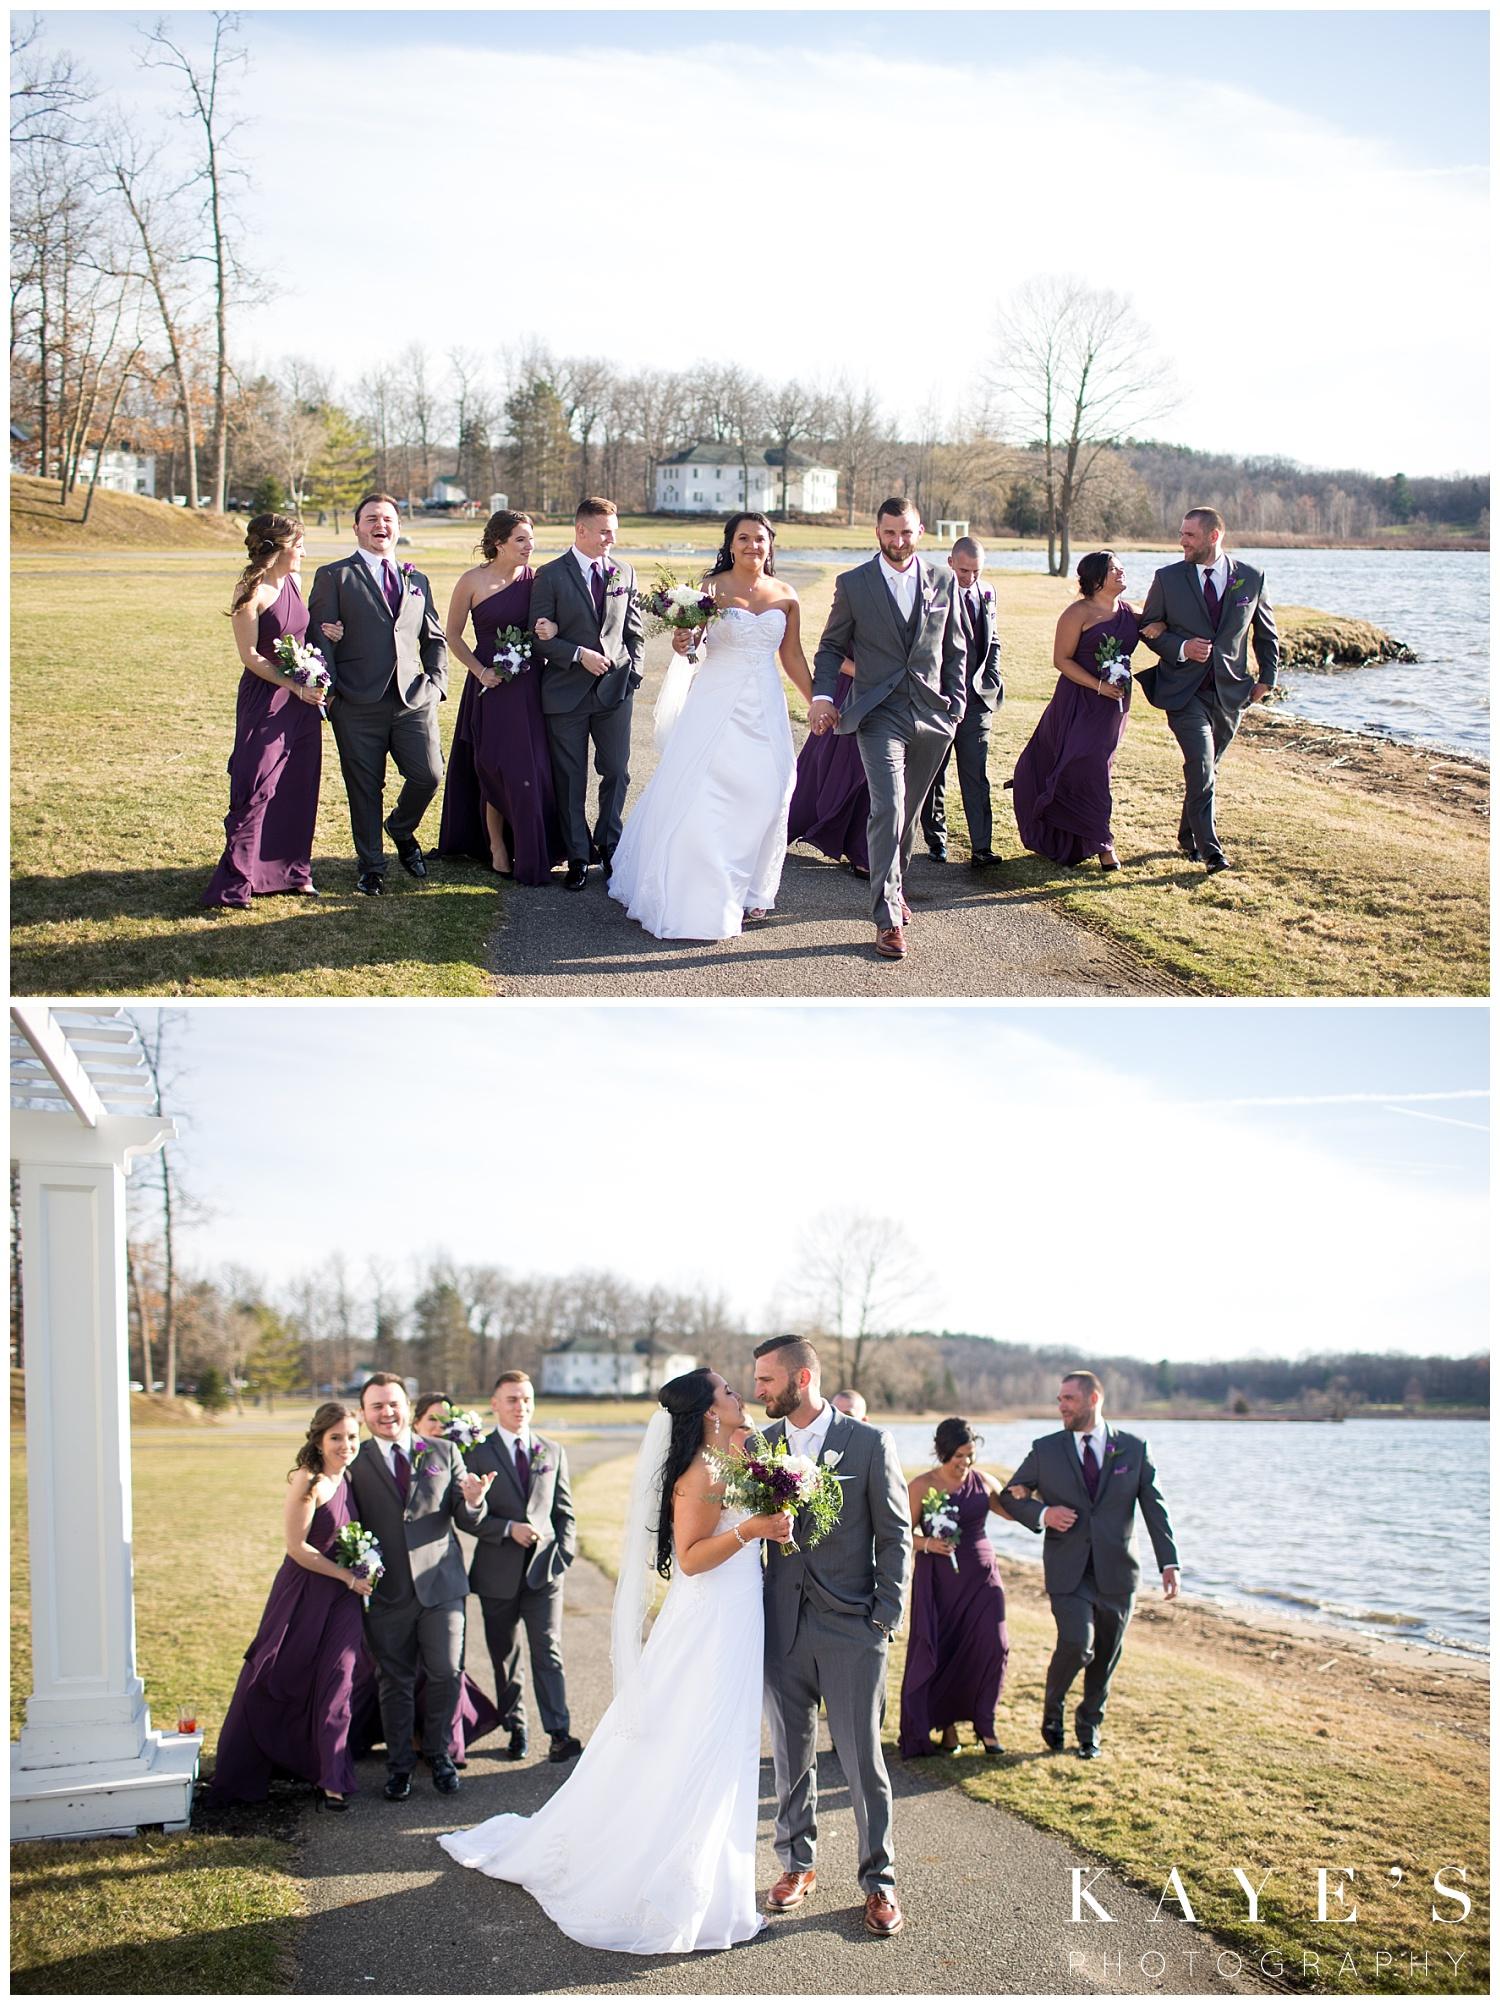 bridal party during wedding photos at waldenwoods resort